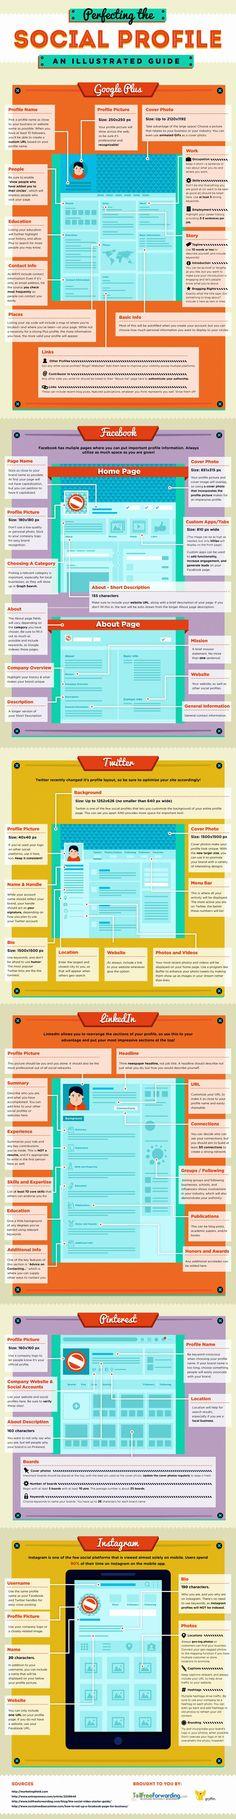 Optimizar el perfil de redes sociales – Facebook, Twitter, Google, Pinterest, LinkedIn e Instagram